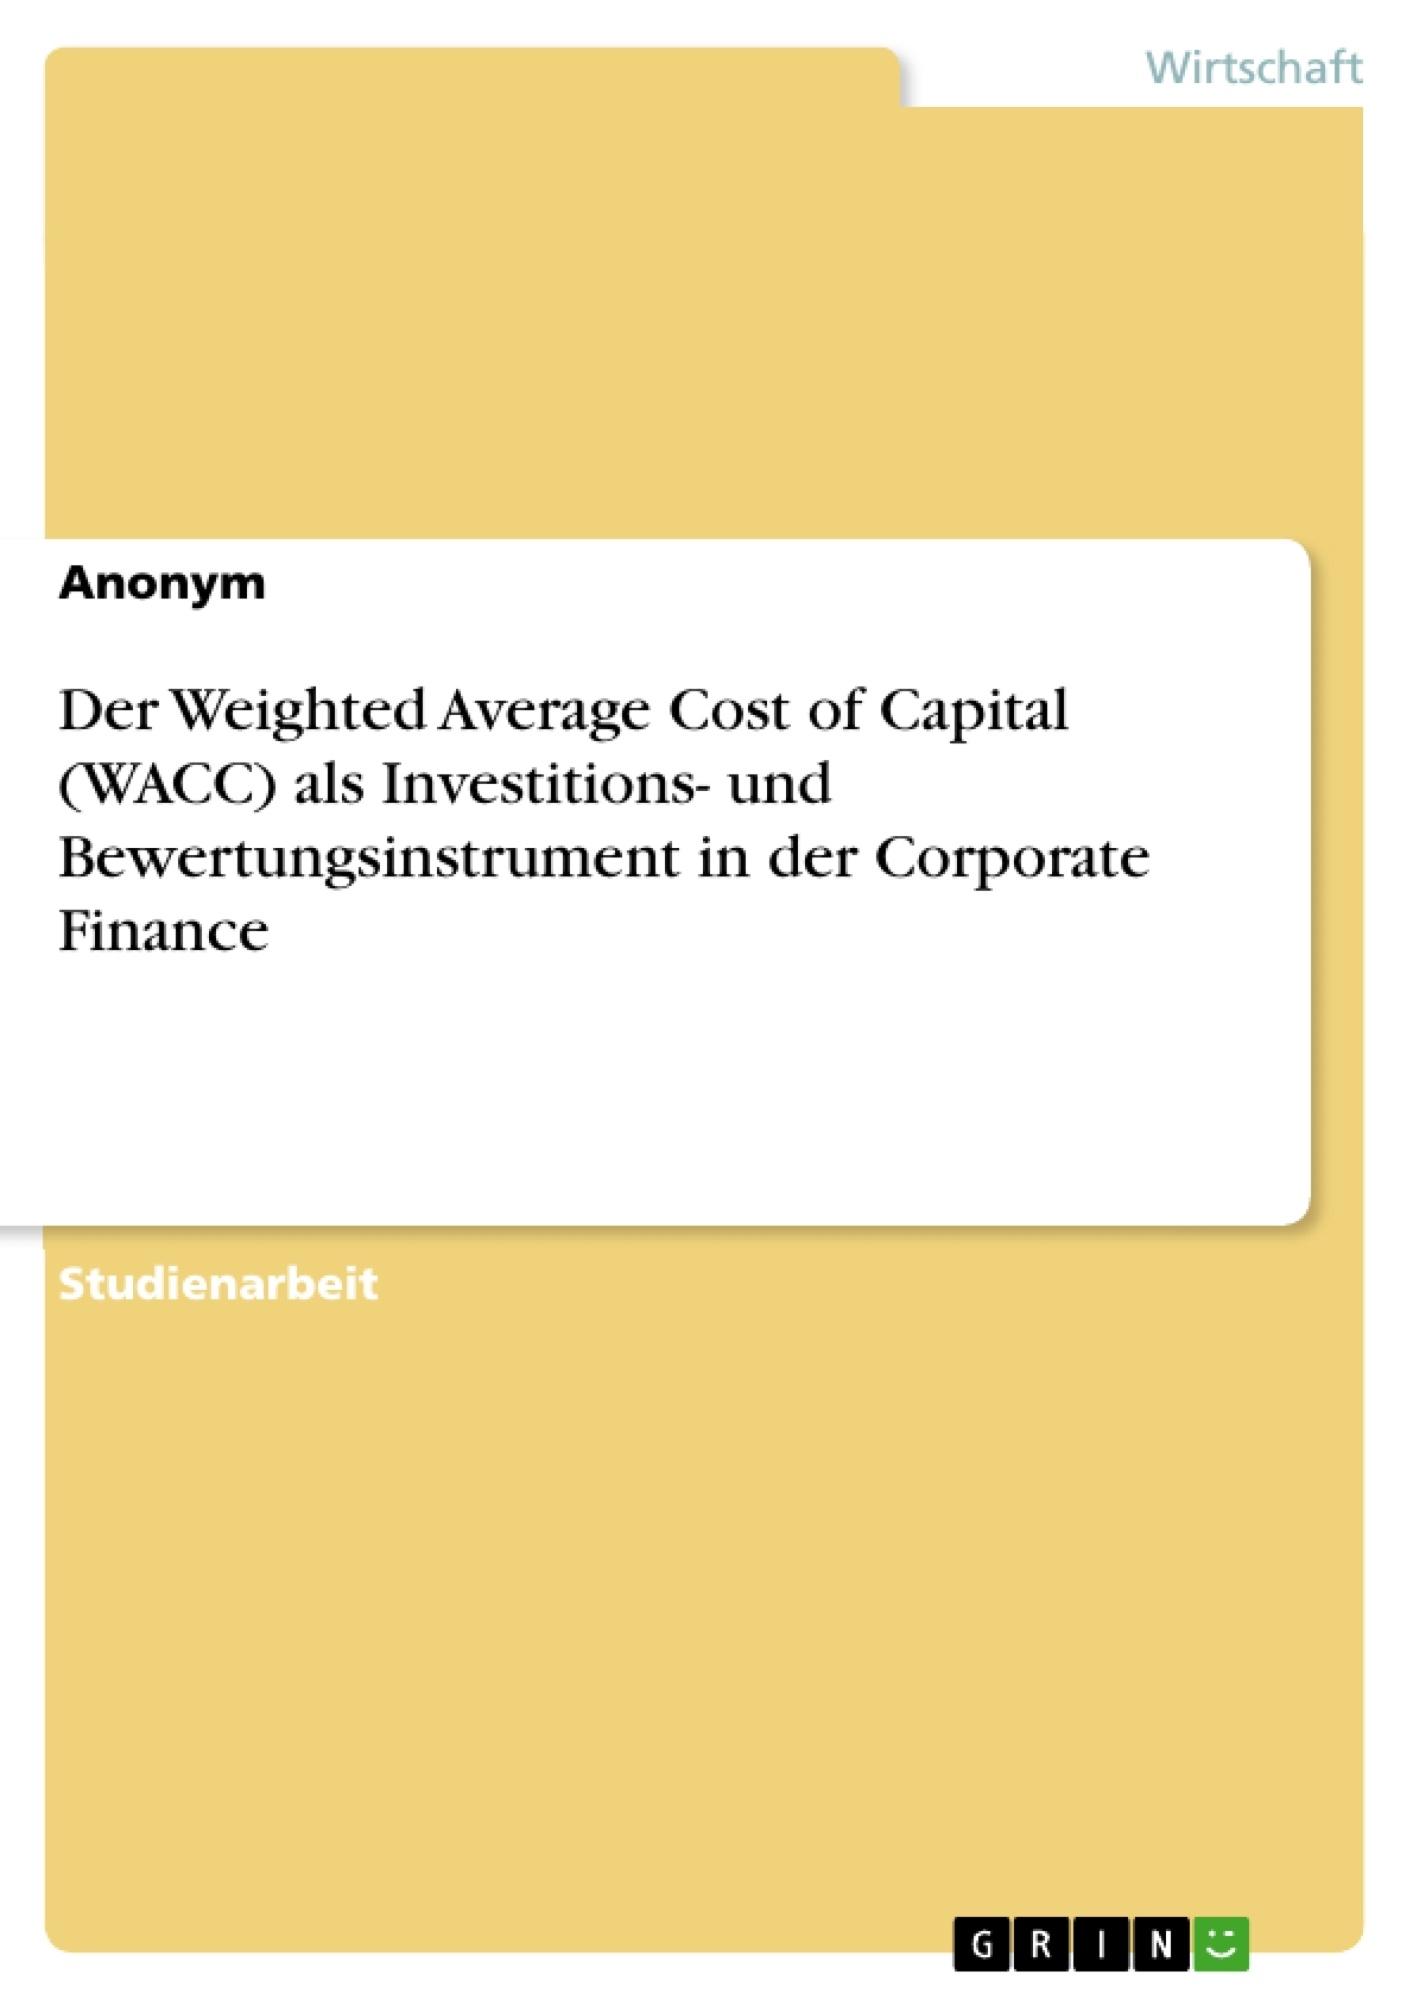 Titel: Der Weighted Average Cost of Capital (WACC) als Investitions- und Bewertungsinstrument in der Corporate Finance